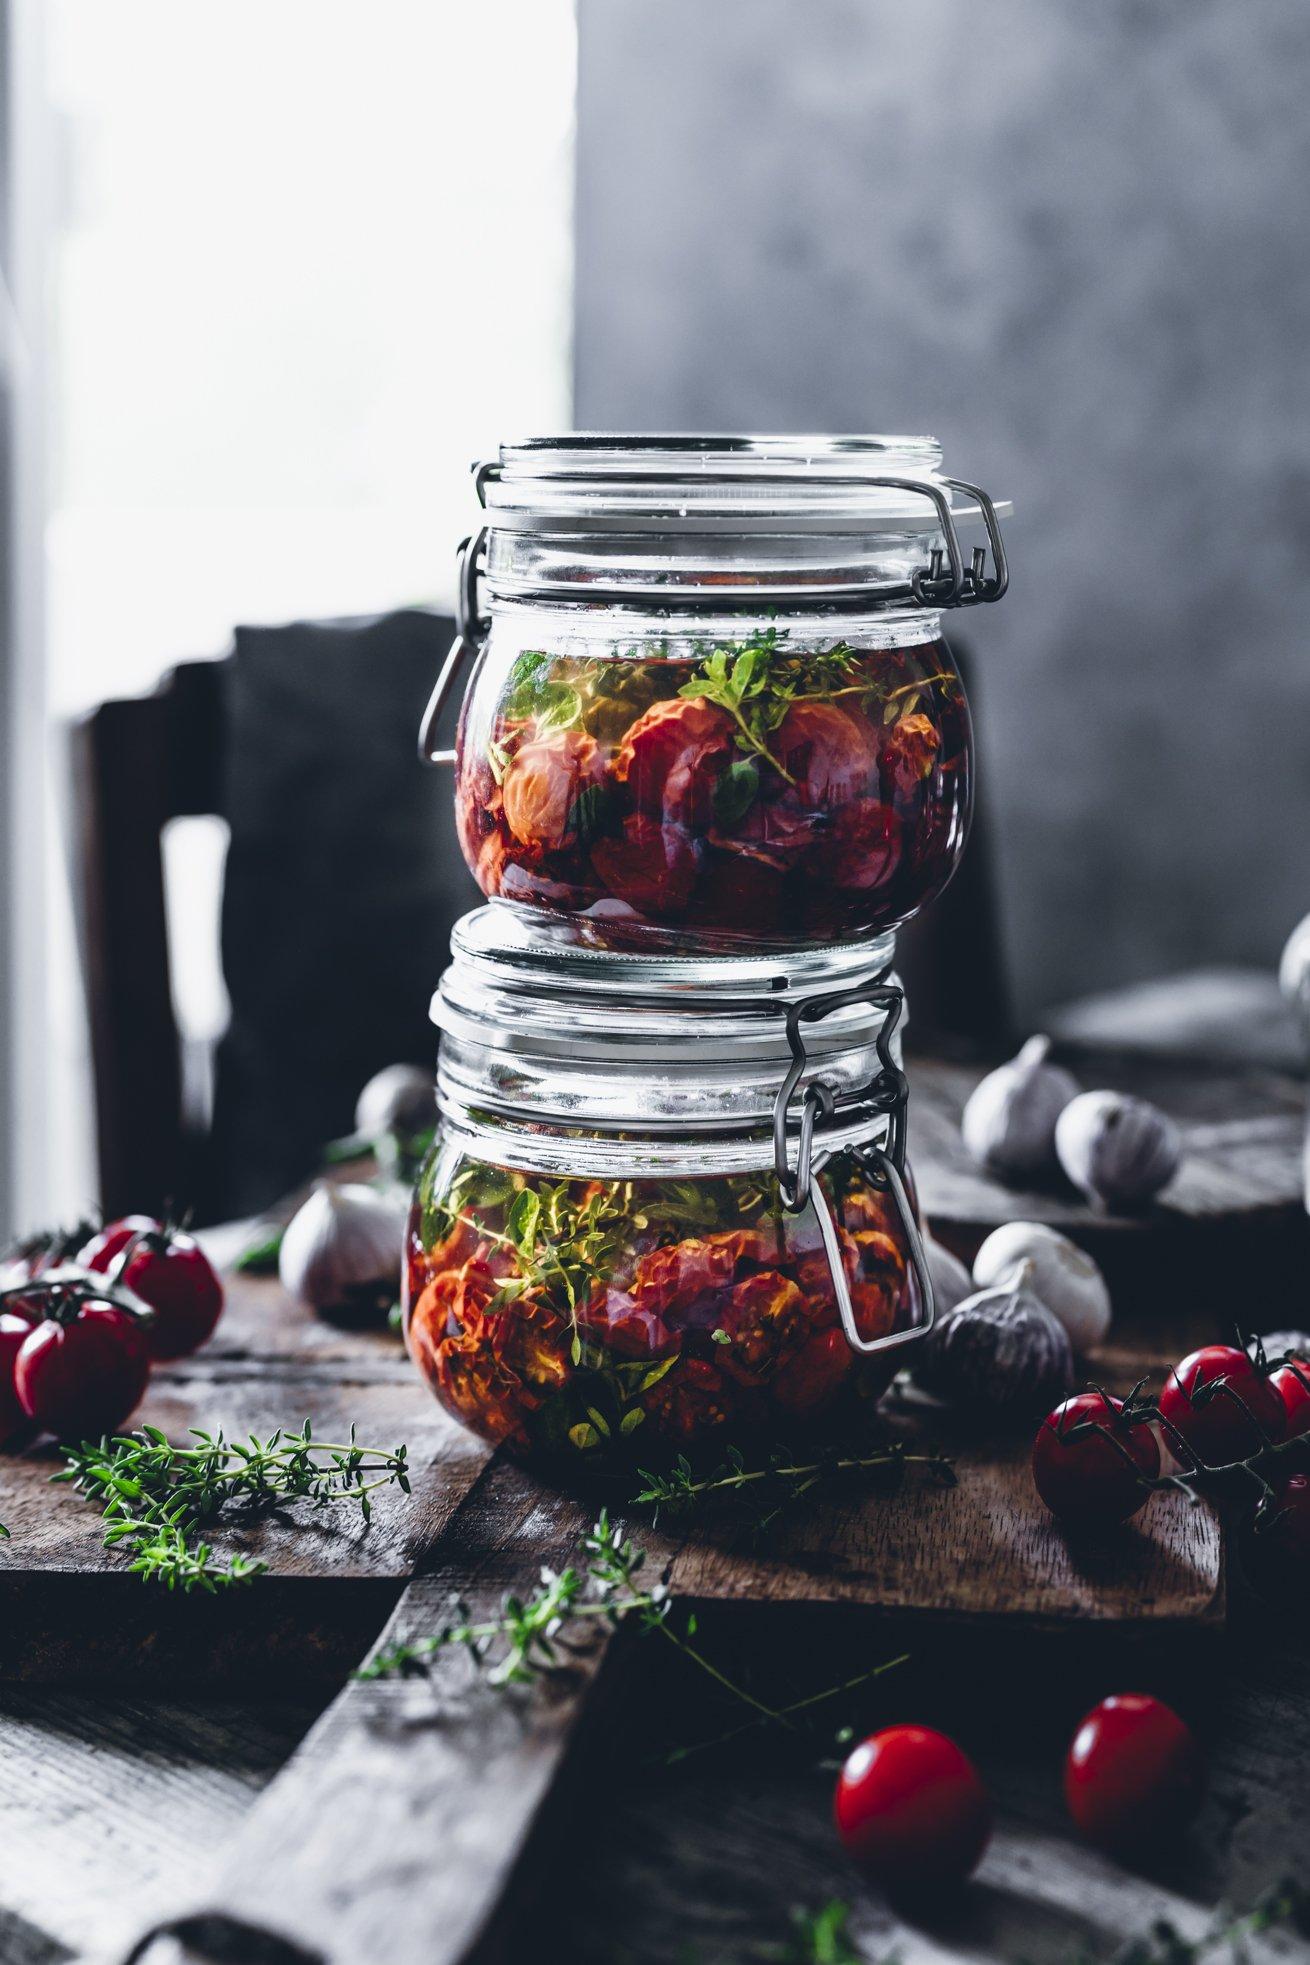 In Öl eingelegte getrocknete Tomaten mit Thymian und Oregano